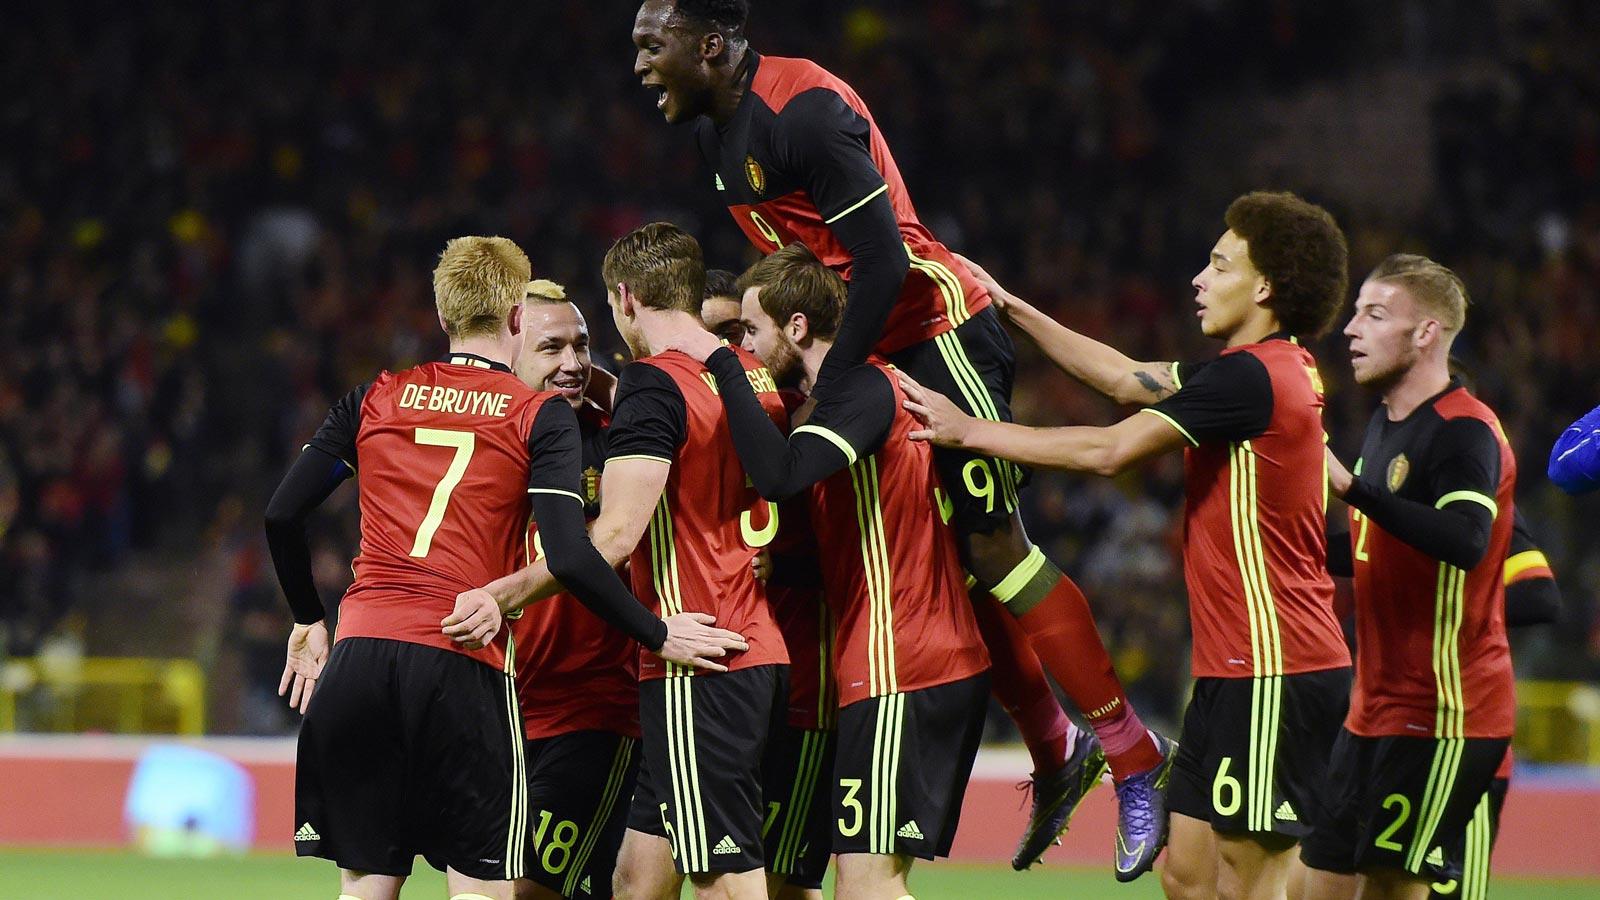 """Los """"Red Devils"""" belgas aspiran a sorprender a Europa con su juego rápido y creativo."""